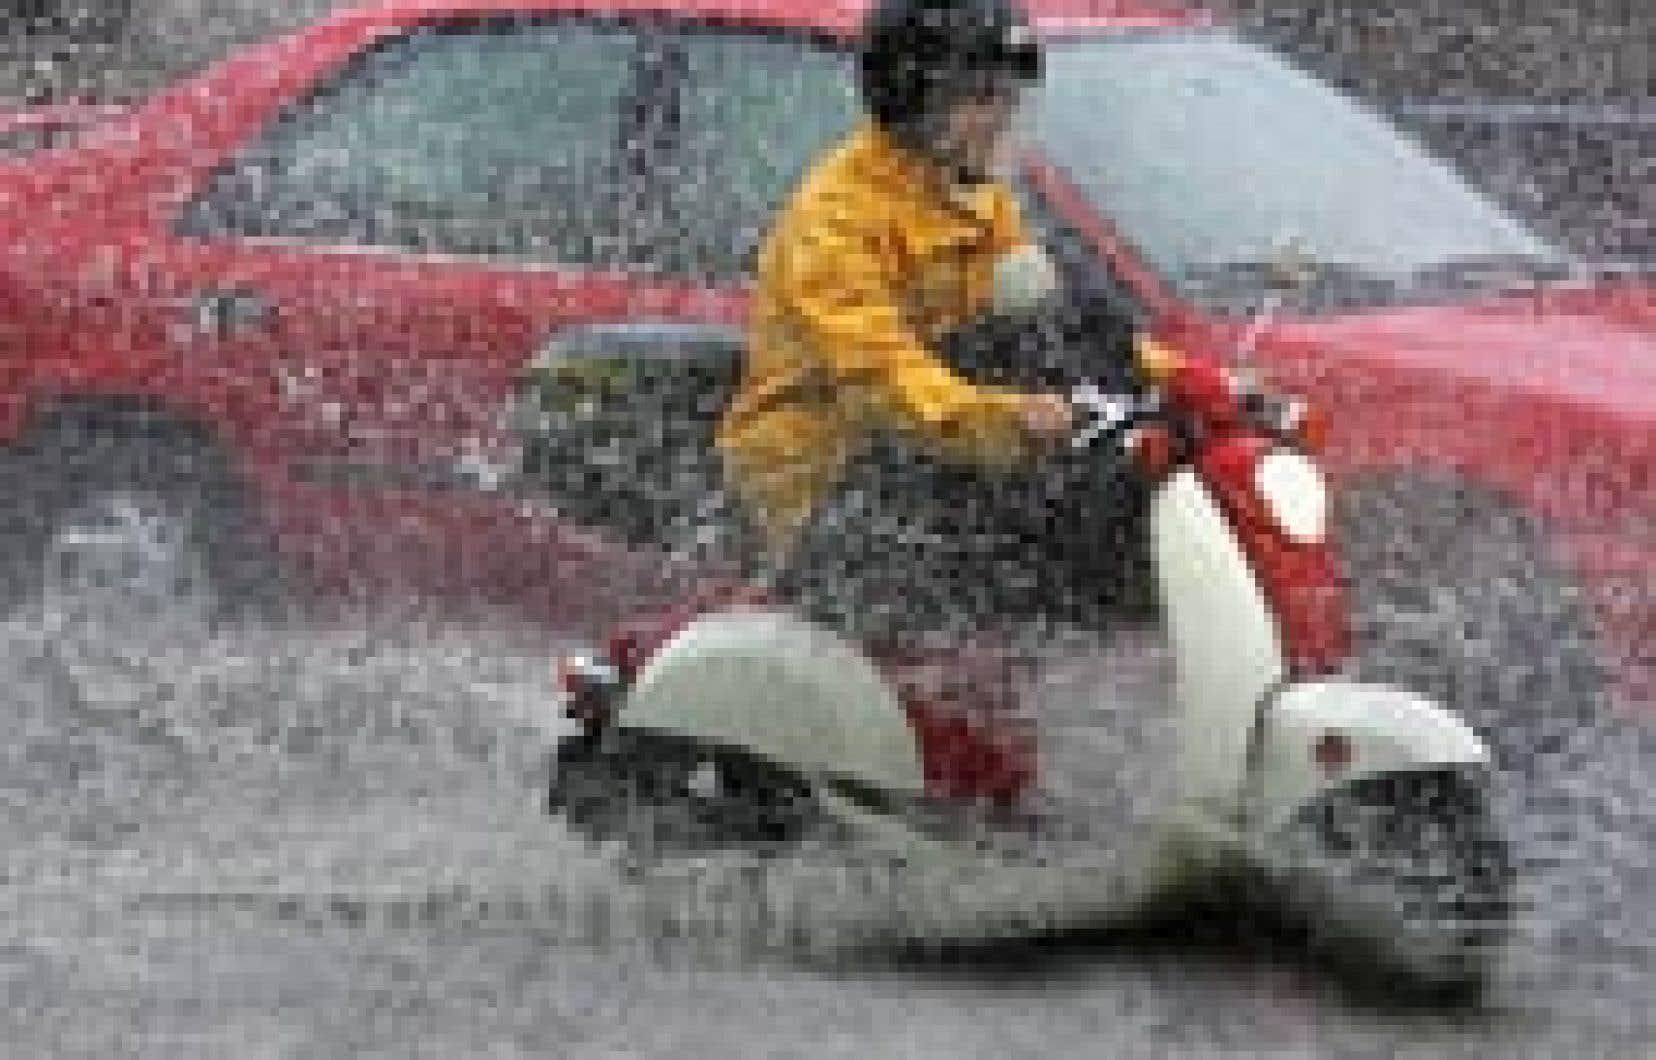 Les relevés de pluviométrie effectués par la Ville révèlent que les pluies du 14 juin dernier, qui ont touché le rond-point L'Acadie et le territoire adjacent, n'étaient pas exceptionnelles avec 31,5 mm et 33,5 mm d'eau tombée en une heure.